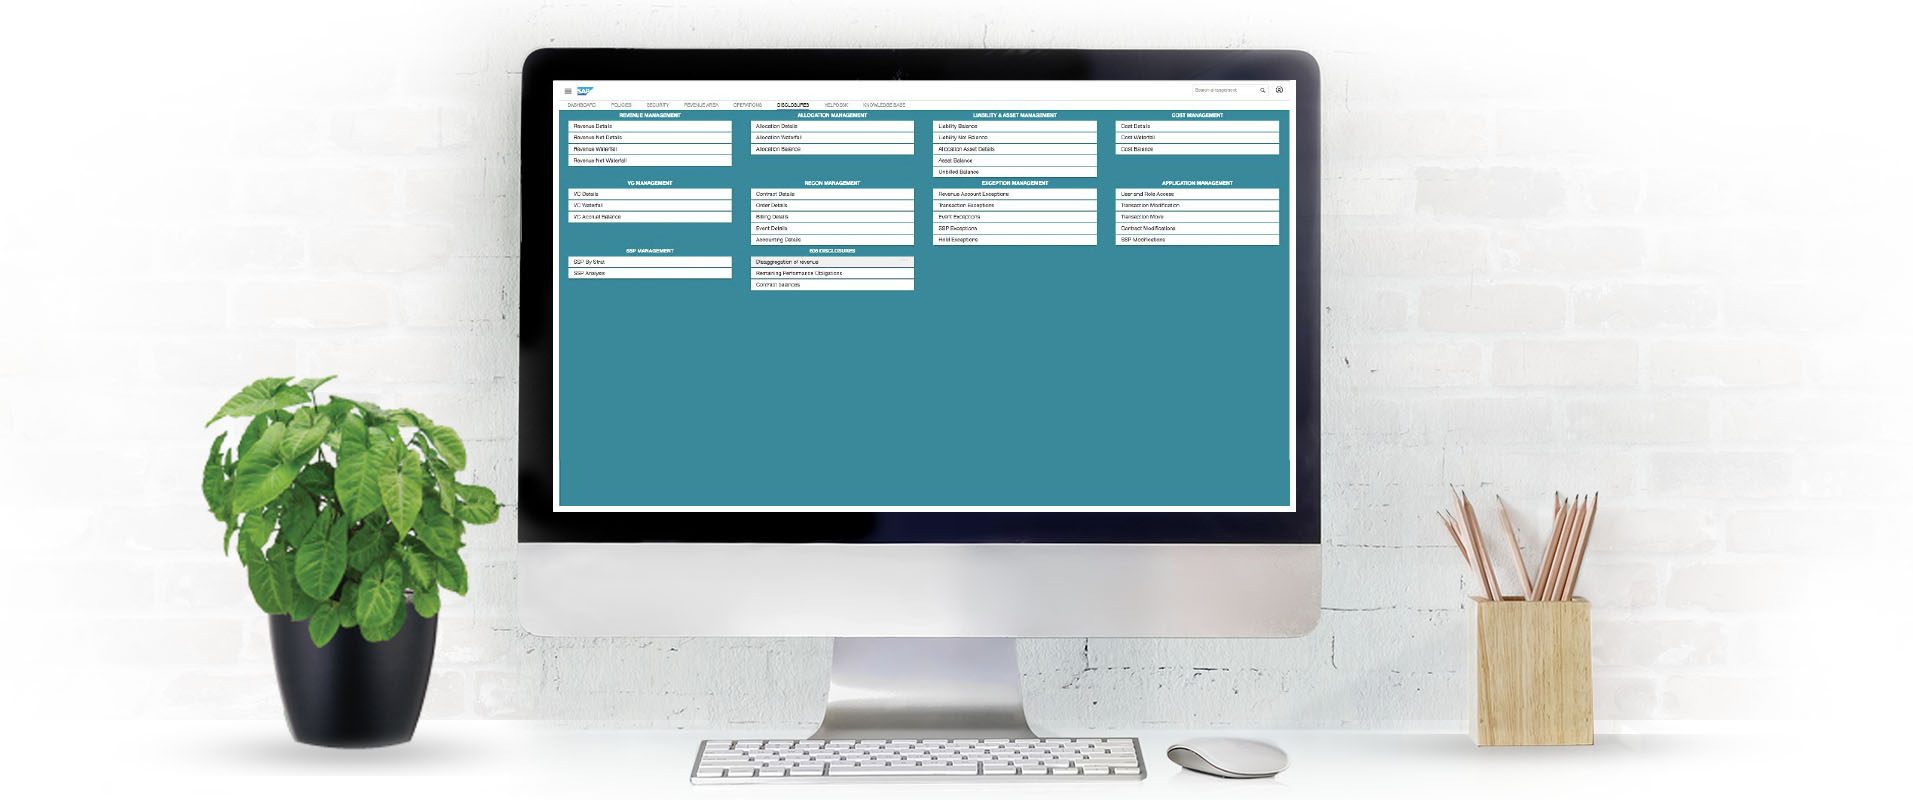 Desktop computer with screenshot of 3CLogic's SAP integration